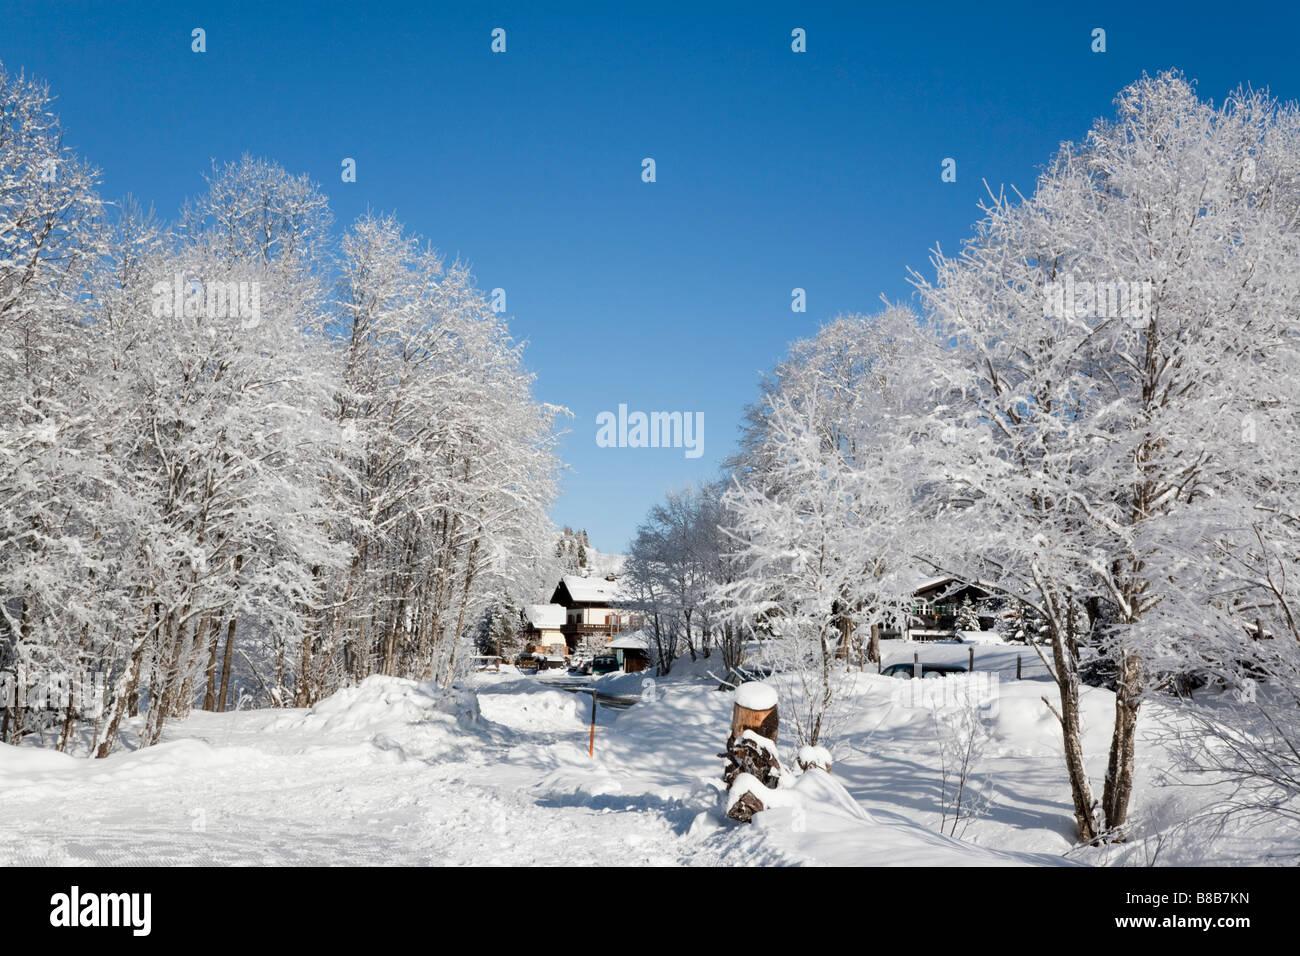 Rauriser Bucheben Sonnen Valley Austria Europa gennaio neve invernale scena con alberi coperti di bianco brina dopo Immagini Stock